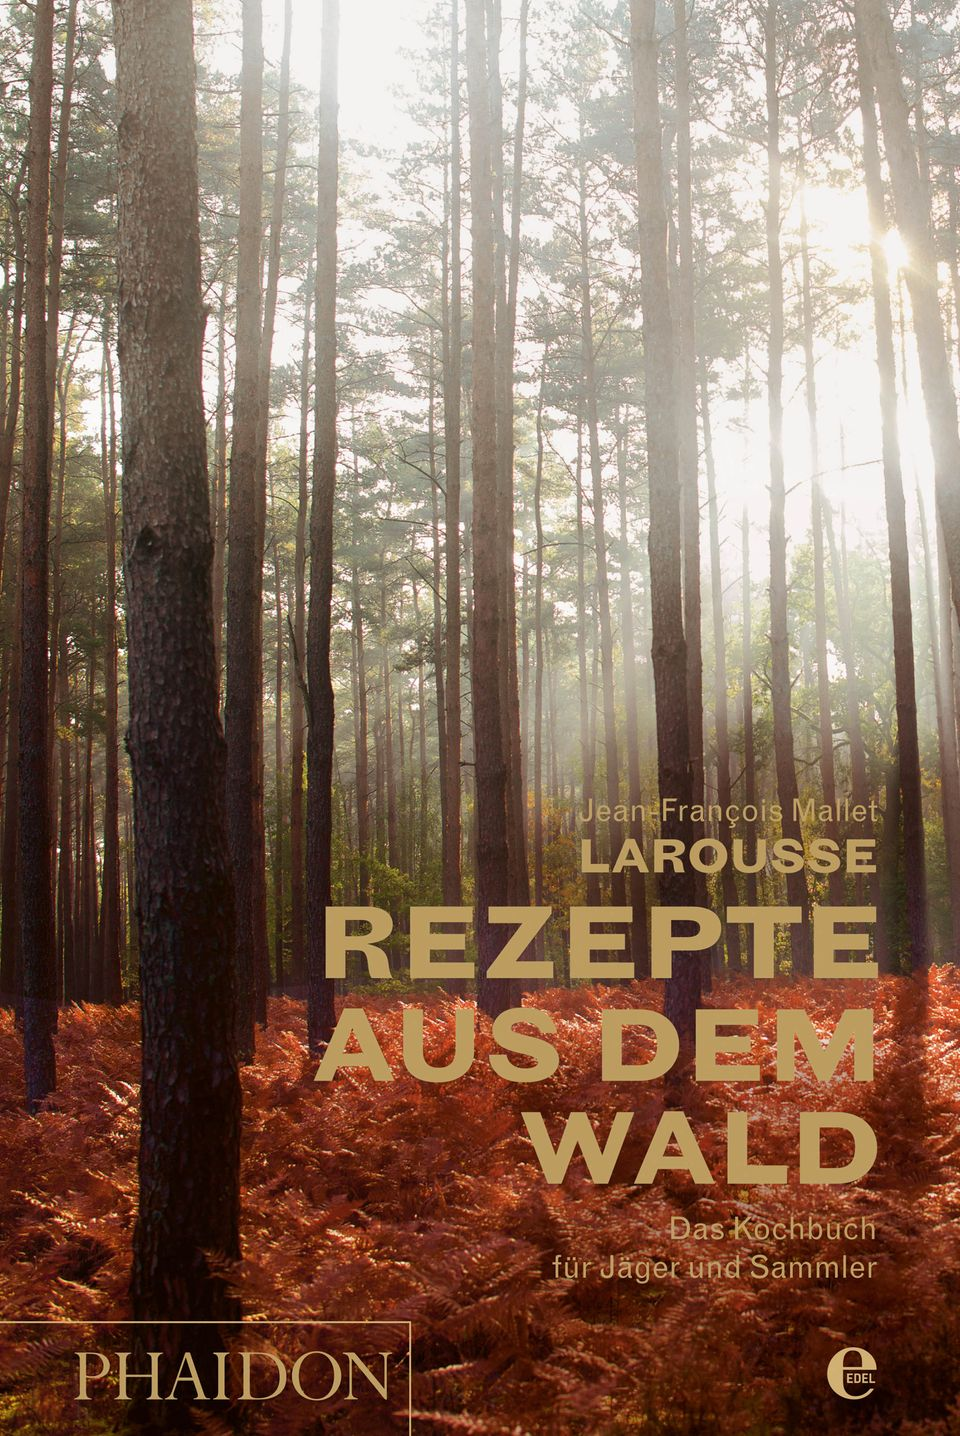 Rezepte aus dem Wald von Jean-François Mallet Larousse